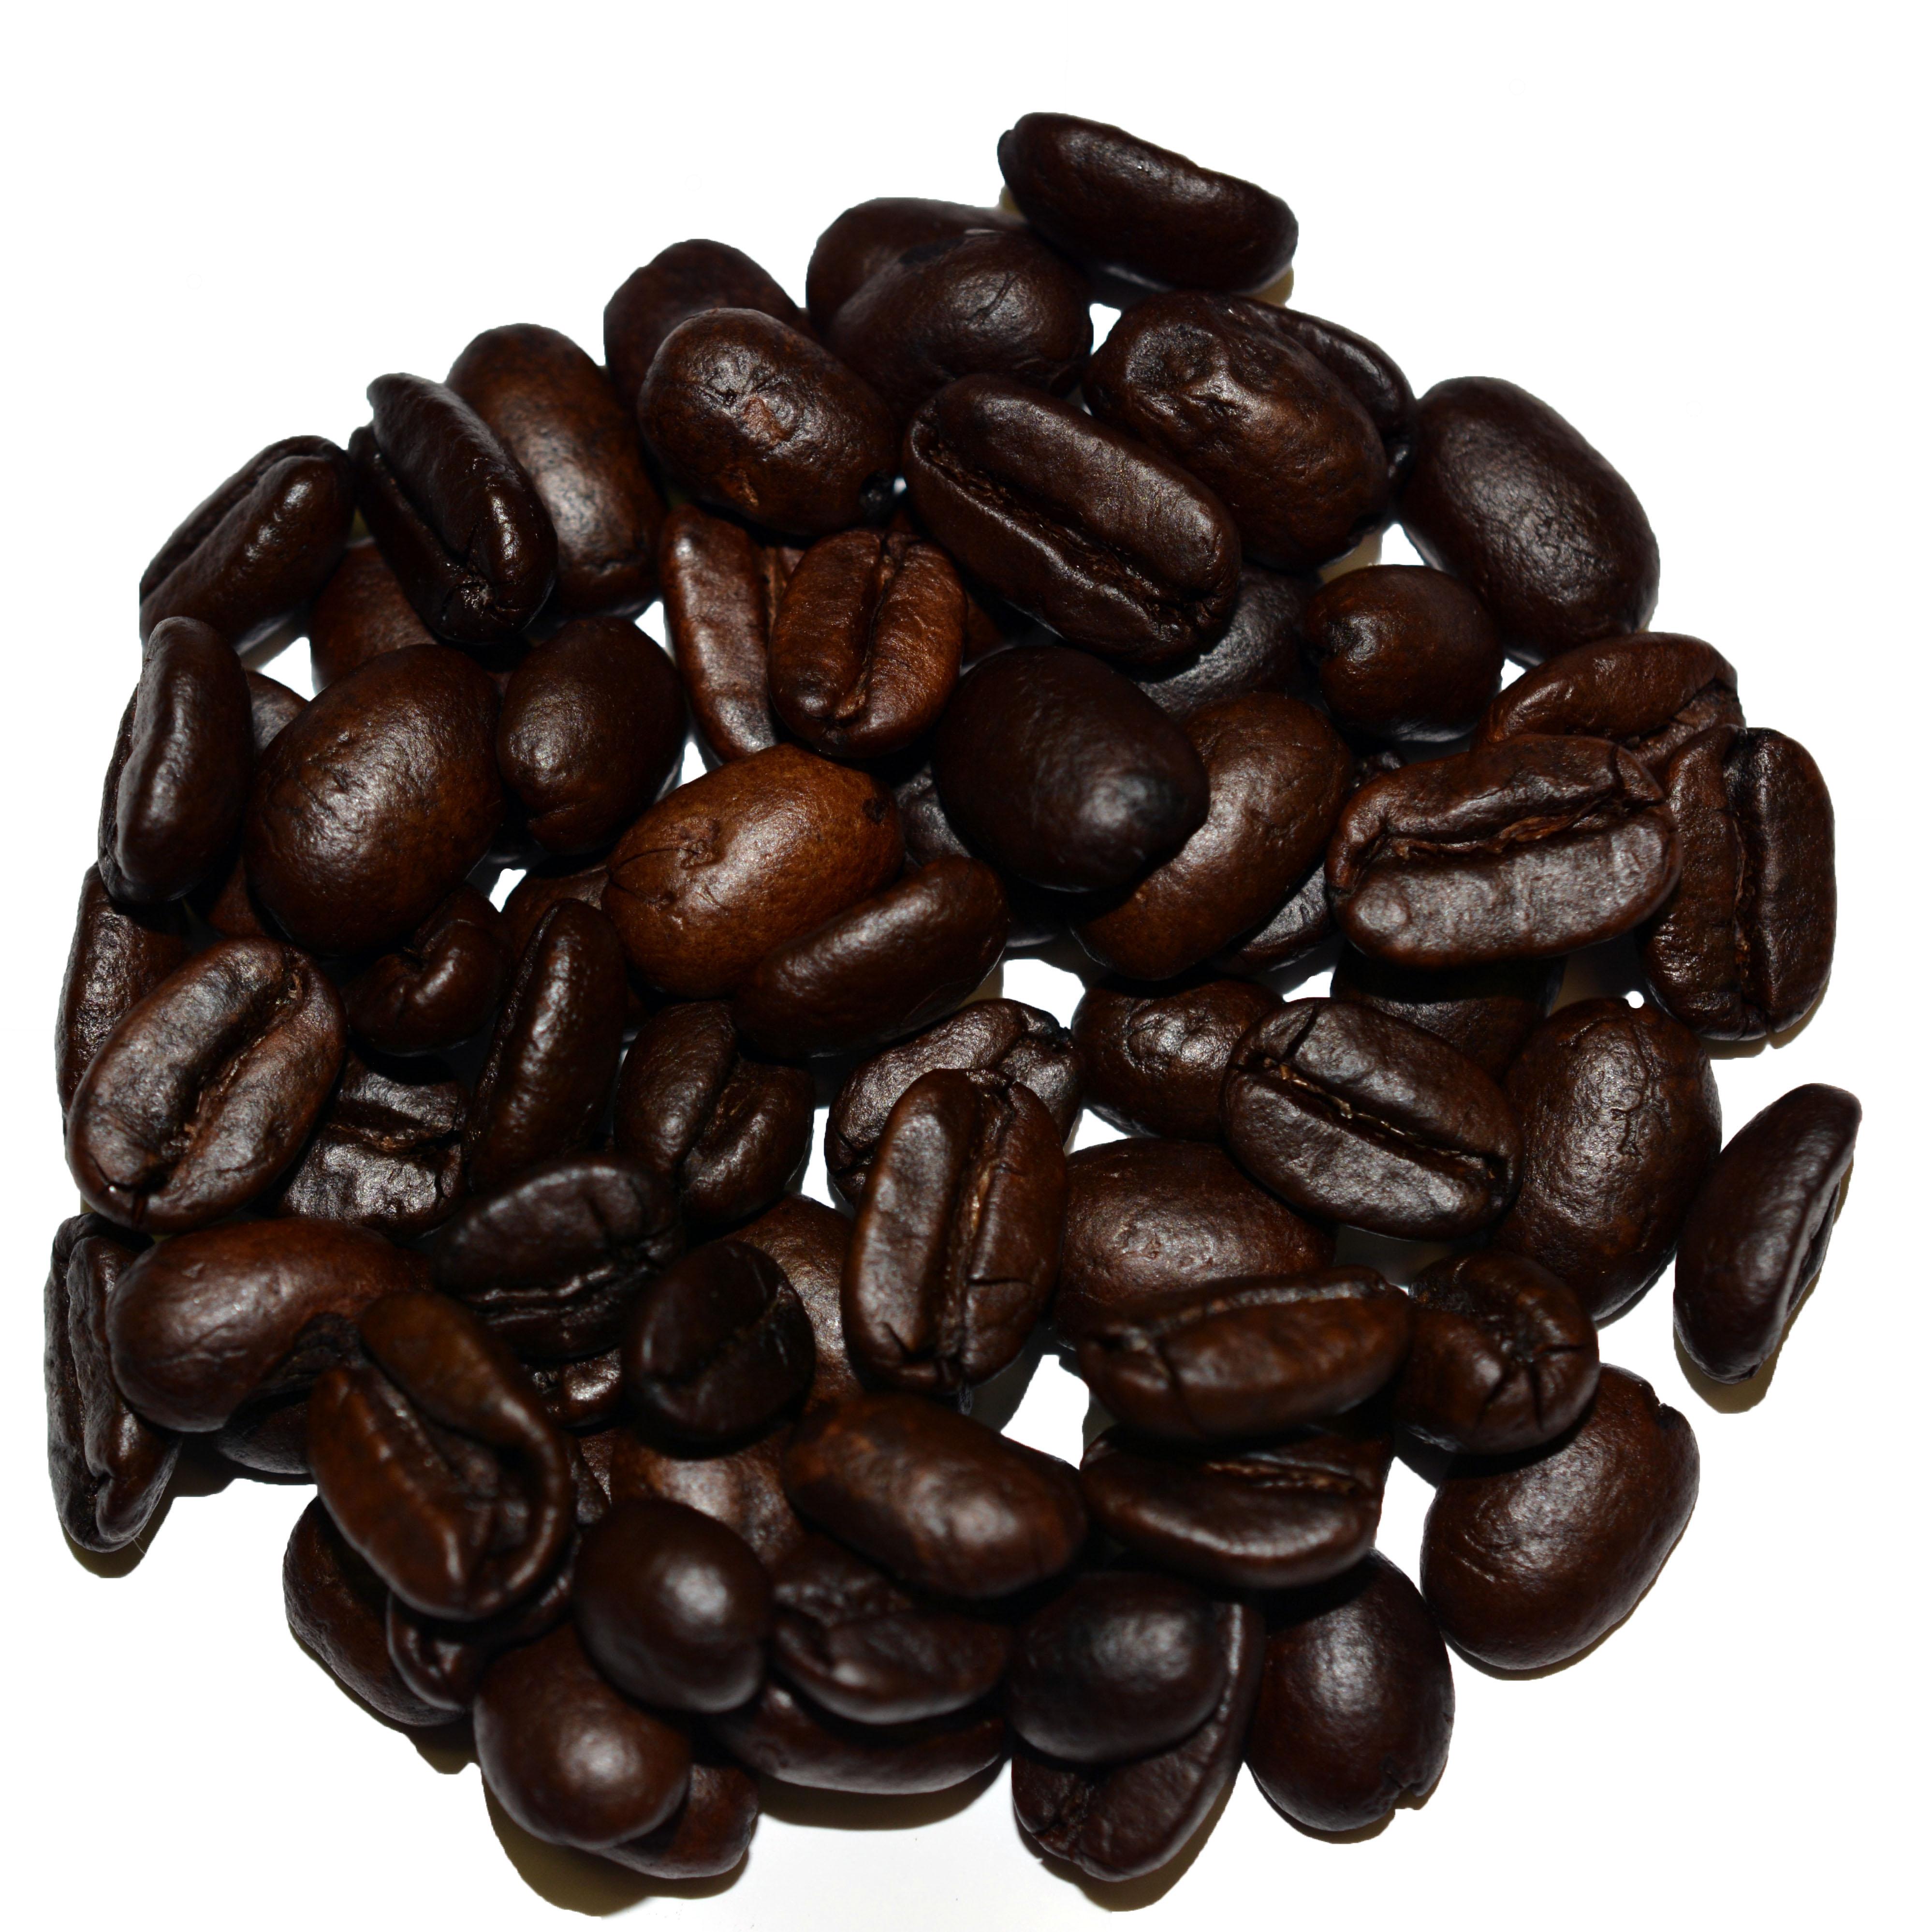 Sumatra Mandheling 12 oz. Whole Bean